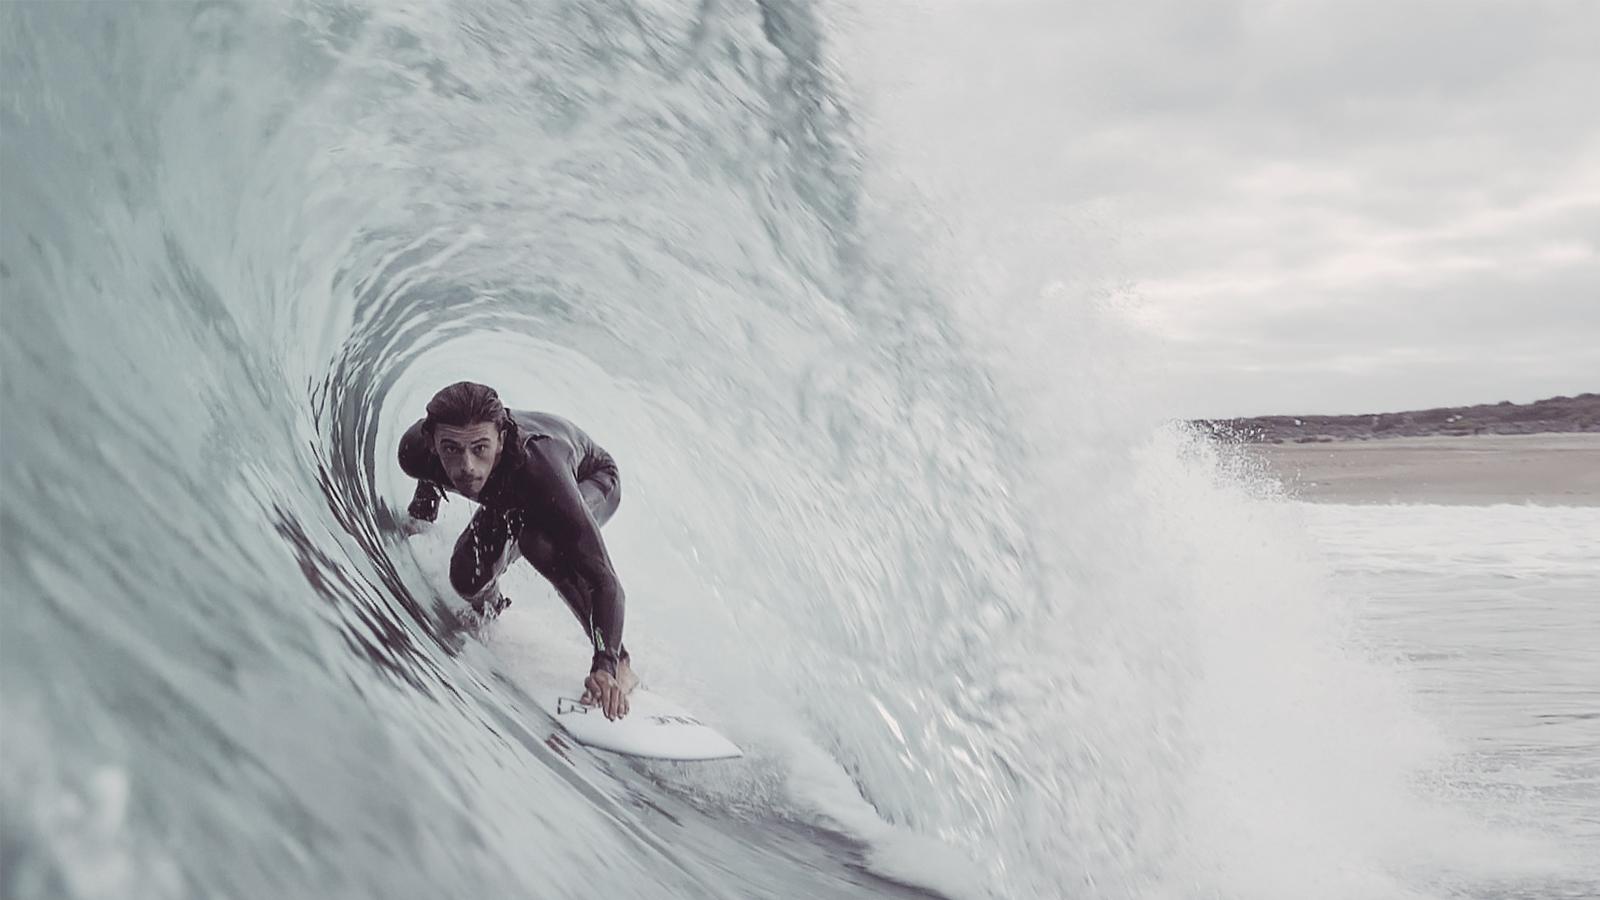 VENON-SURFBOARDS